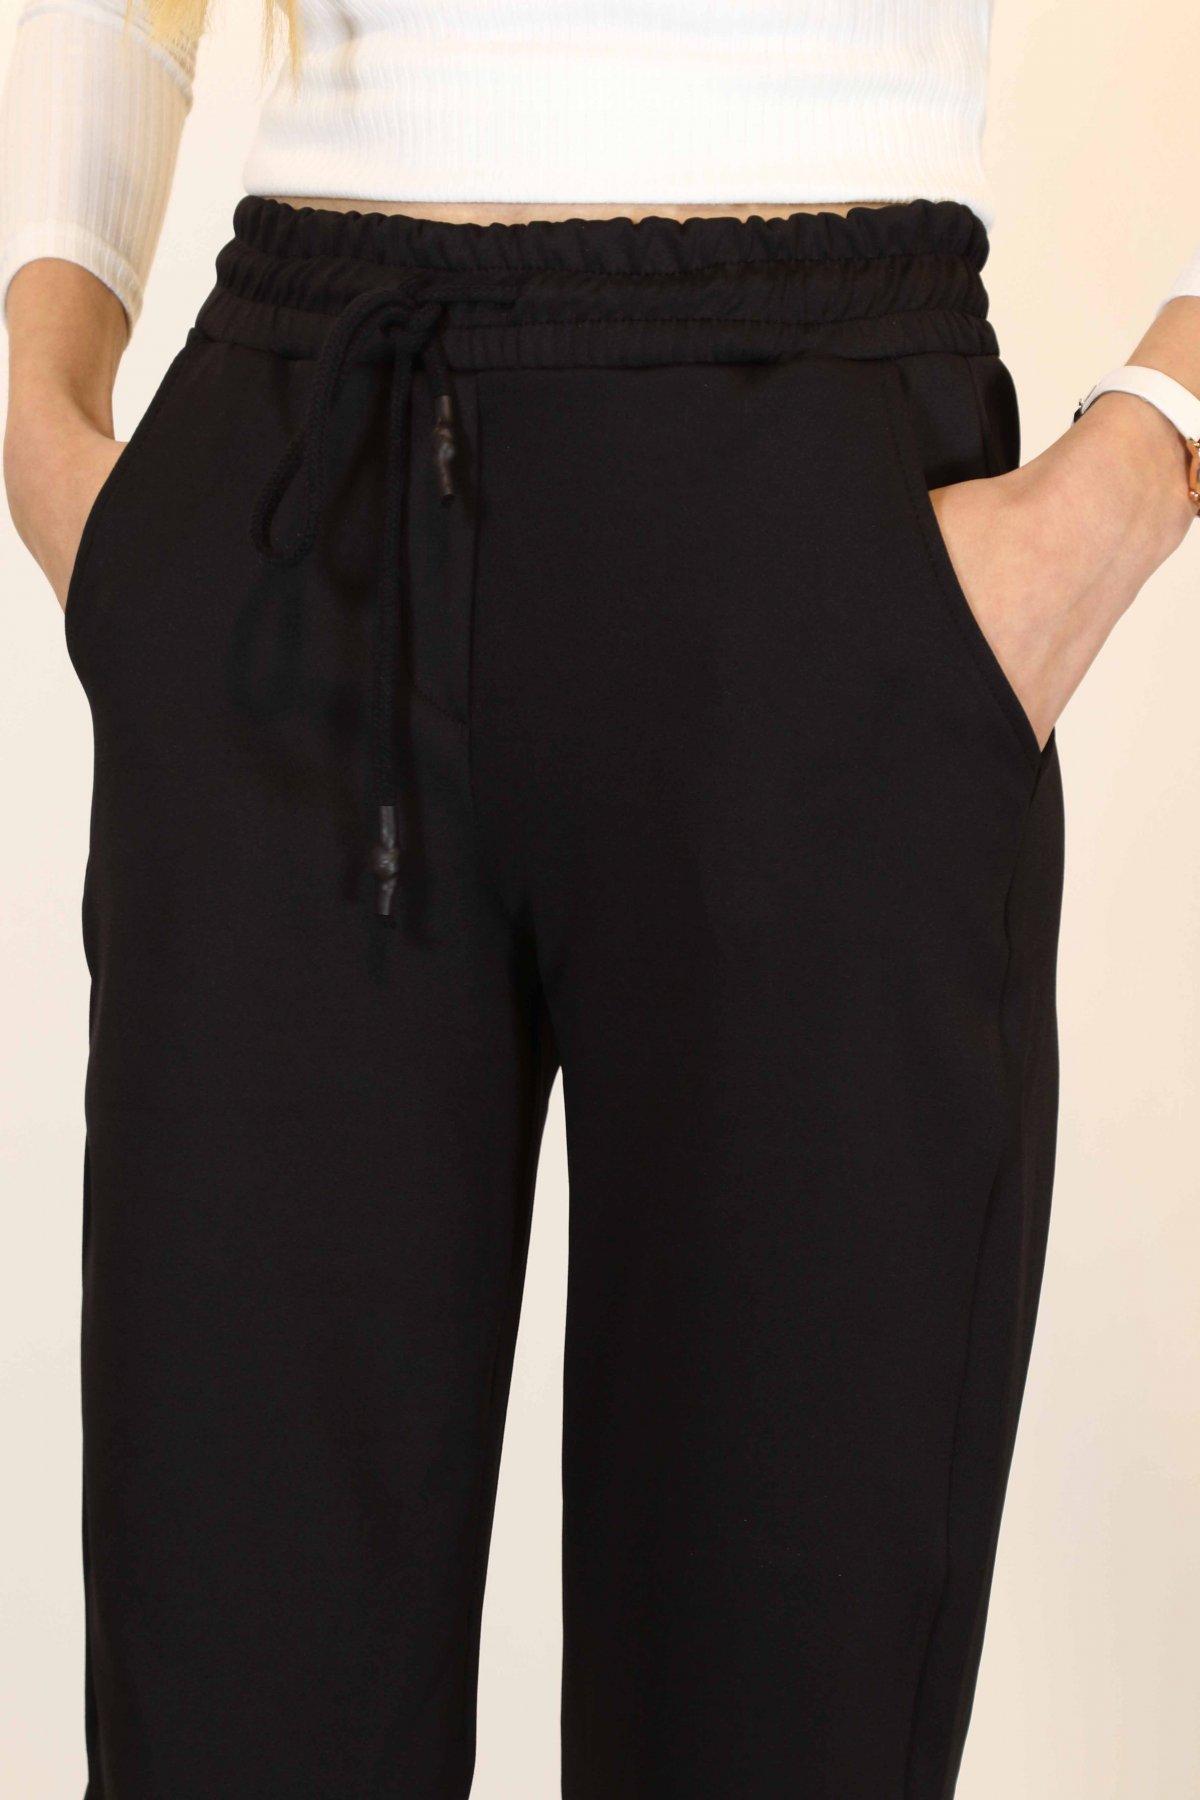 Paça Katlı Bel Bağcık Pantolon